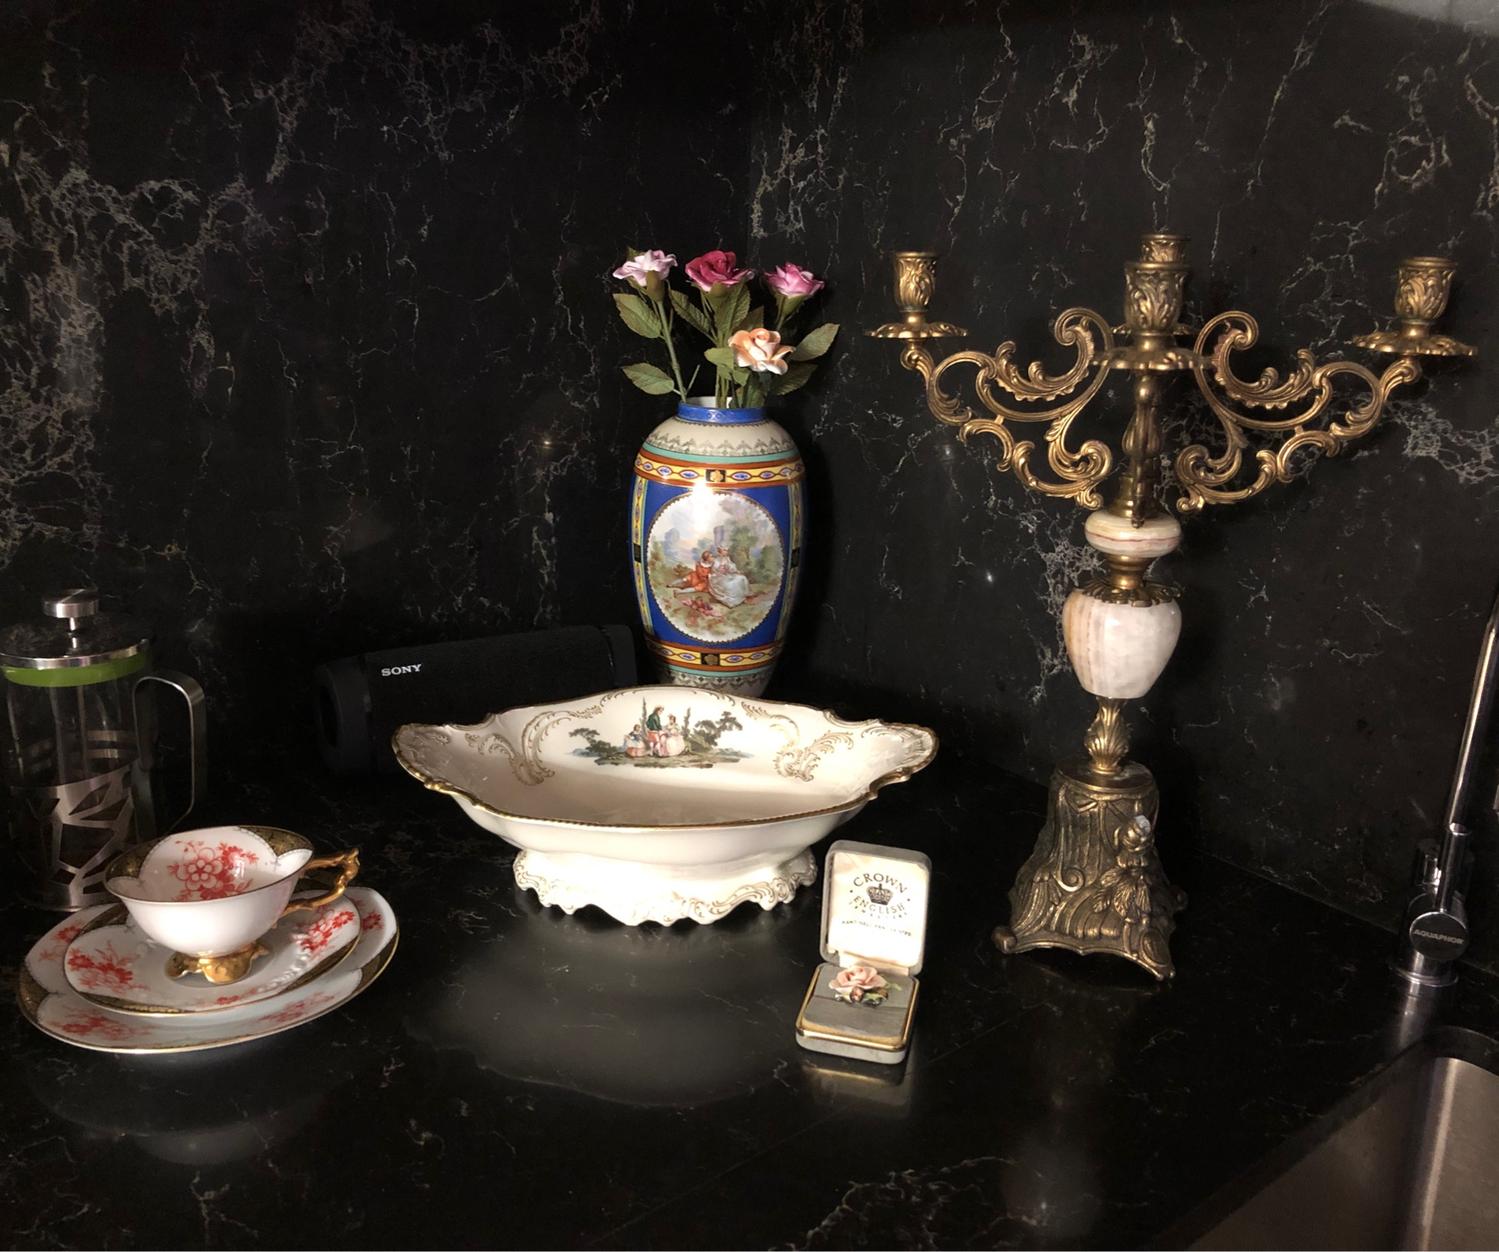 Photo №2 к отзыву покупателя Tetenchuk Anastasiya о товаре Винтаж: Старинный канделябр на 5 свечей. Франция.